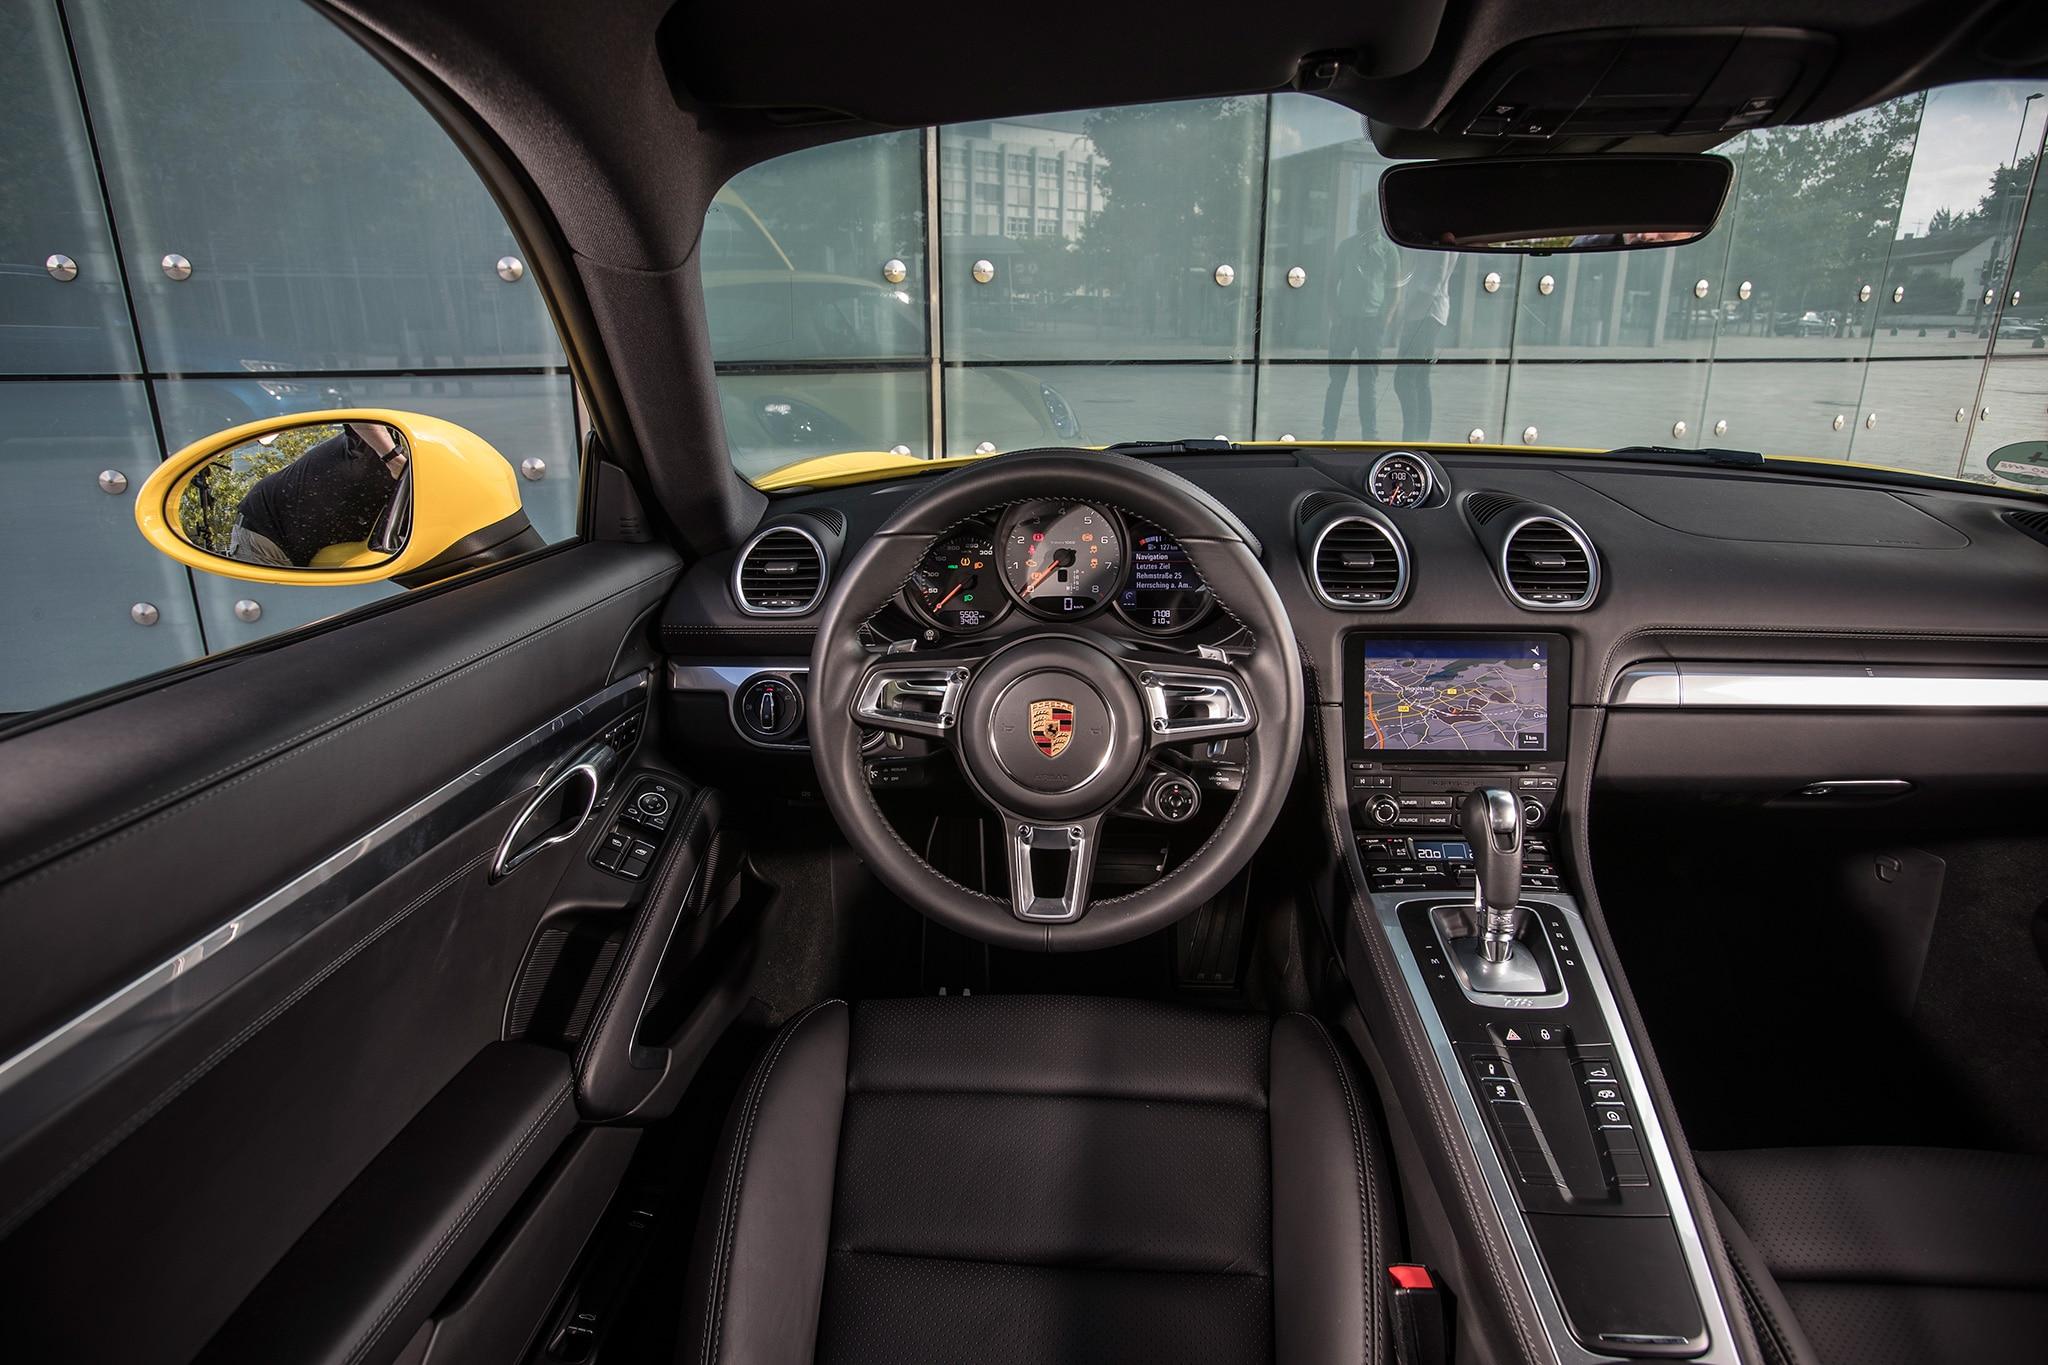 2017 Porsche Cayman S Cabin 02